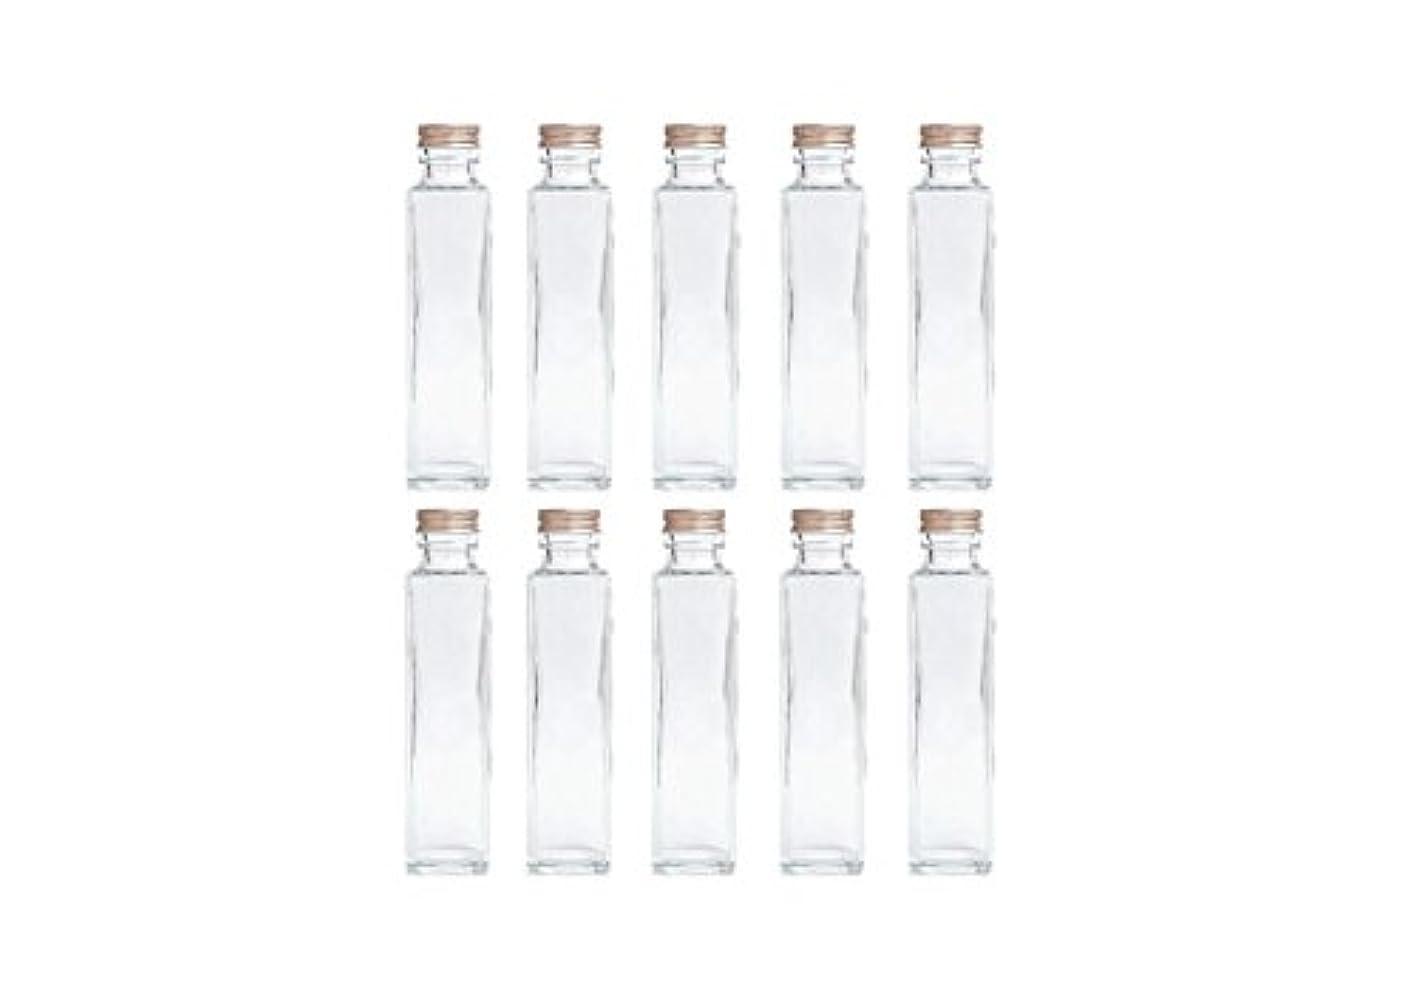 ペネロペ関係する感度HULALA ハーバリウム用ガラス瓶 日本製 10本セット (角型 150ml)